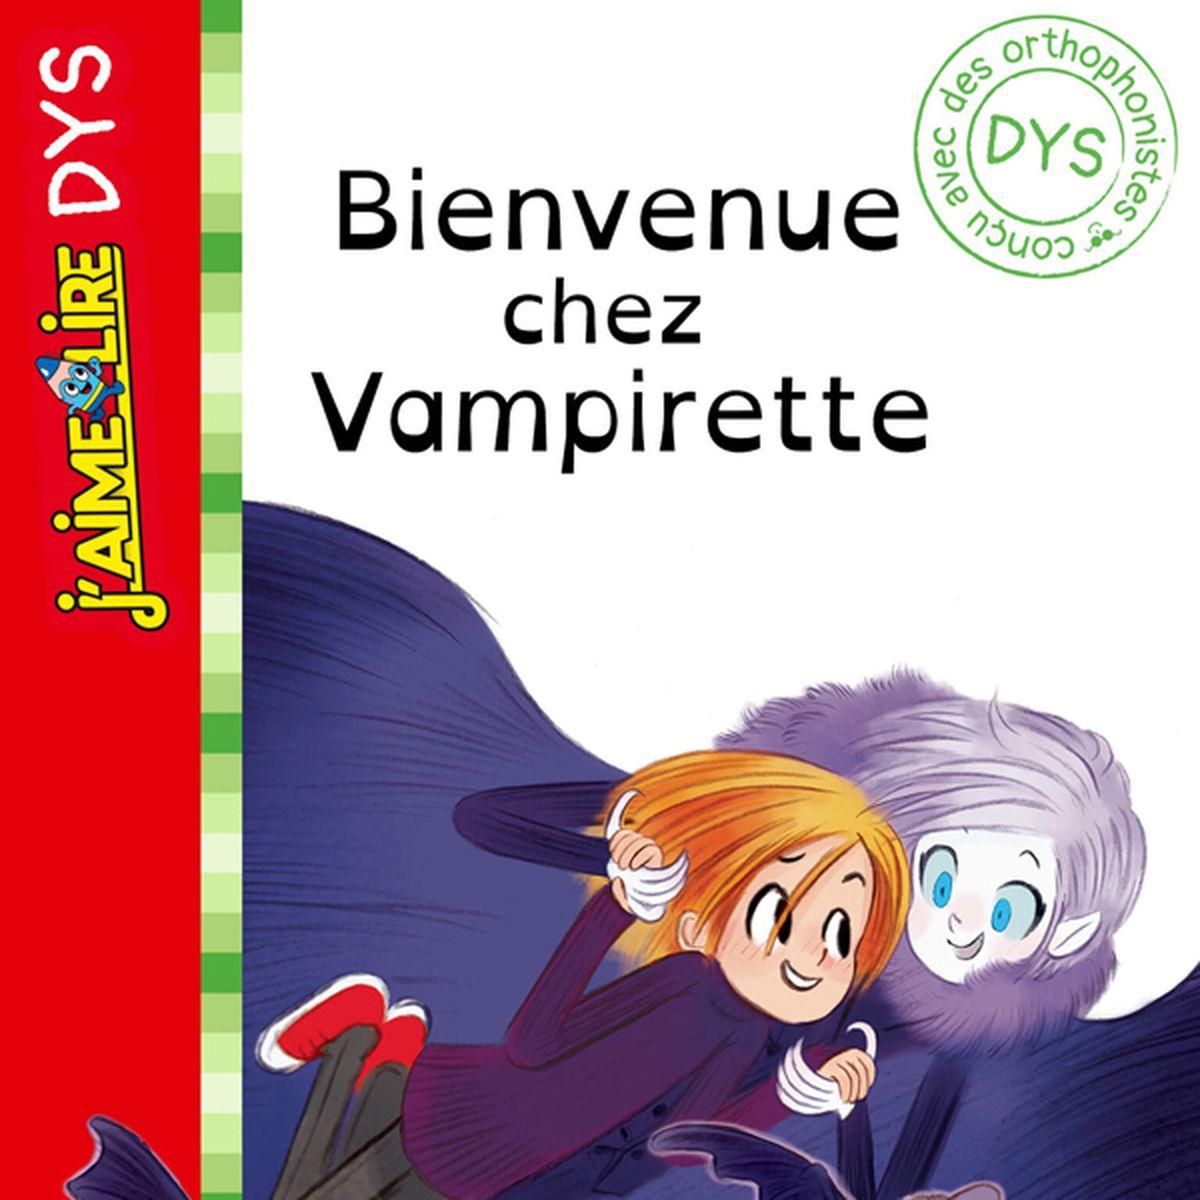 Bienvenue chez Vampirette |